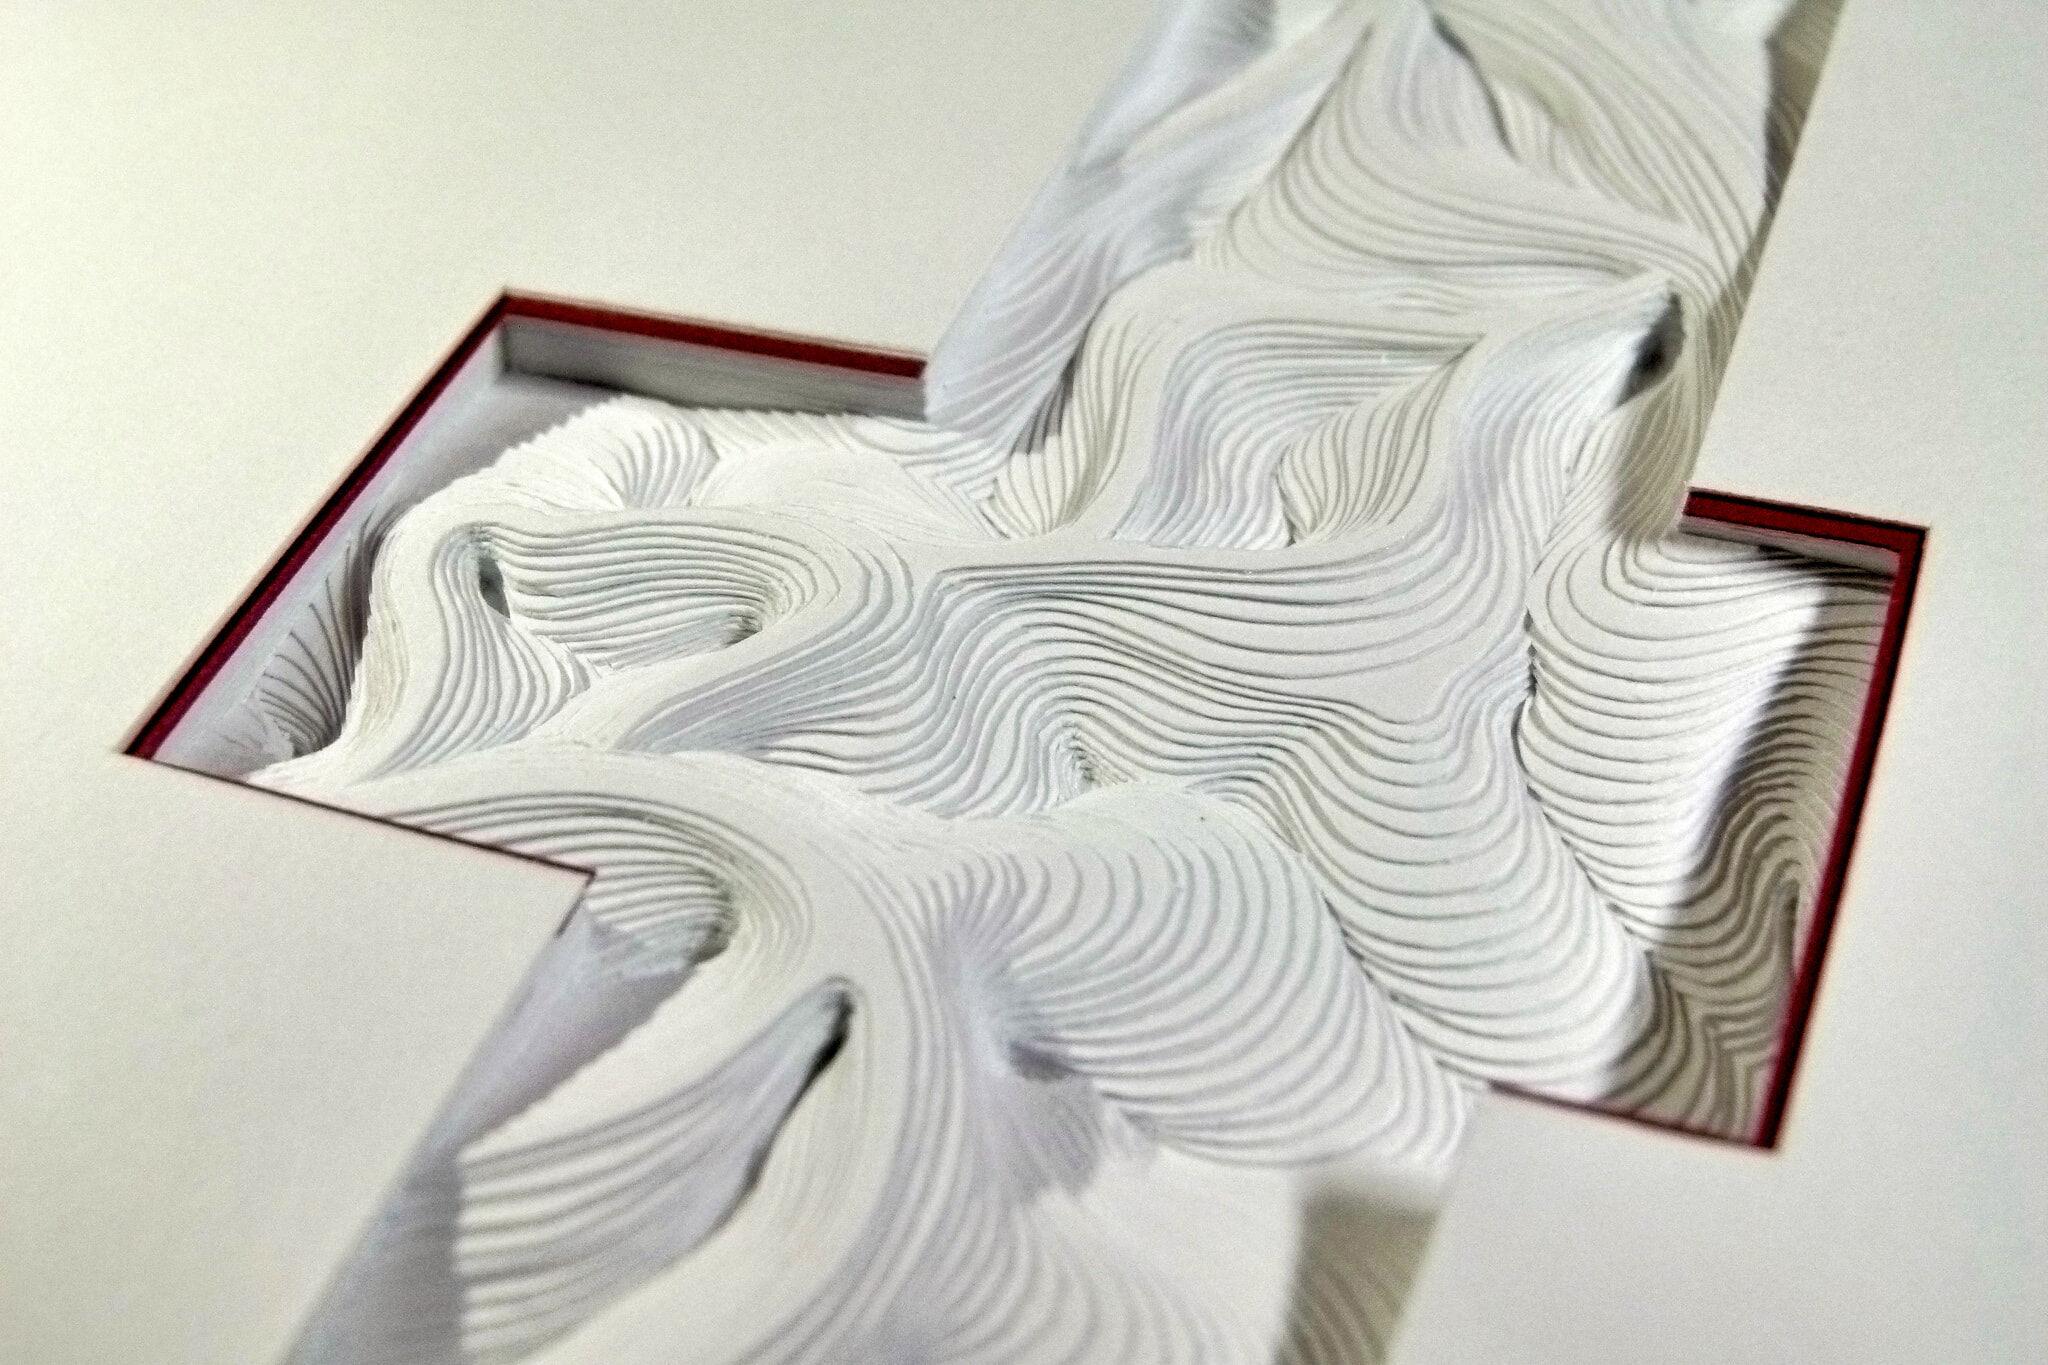 Vignette - Dunes (detail)